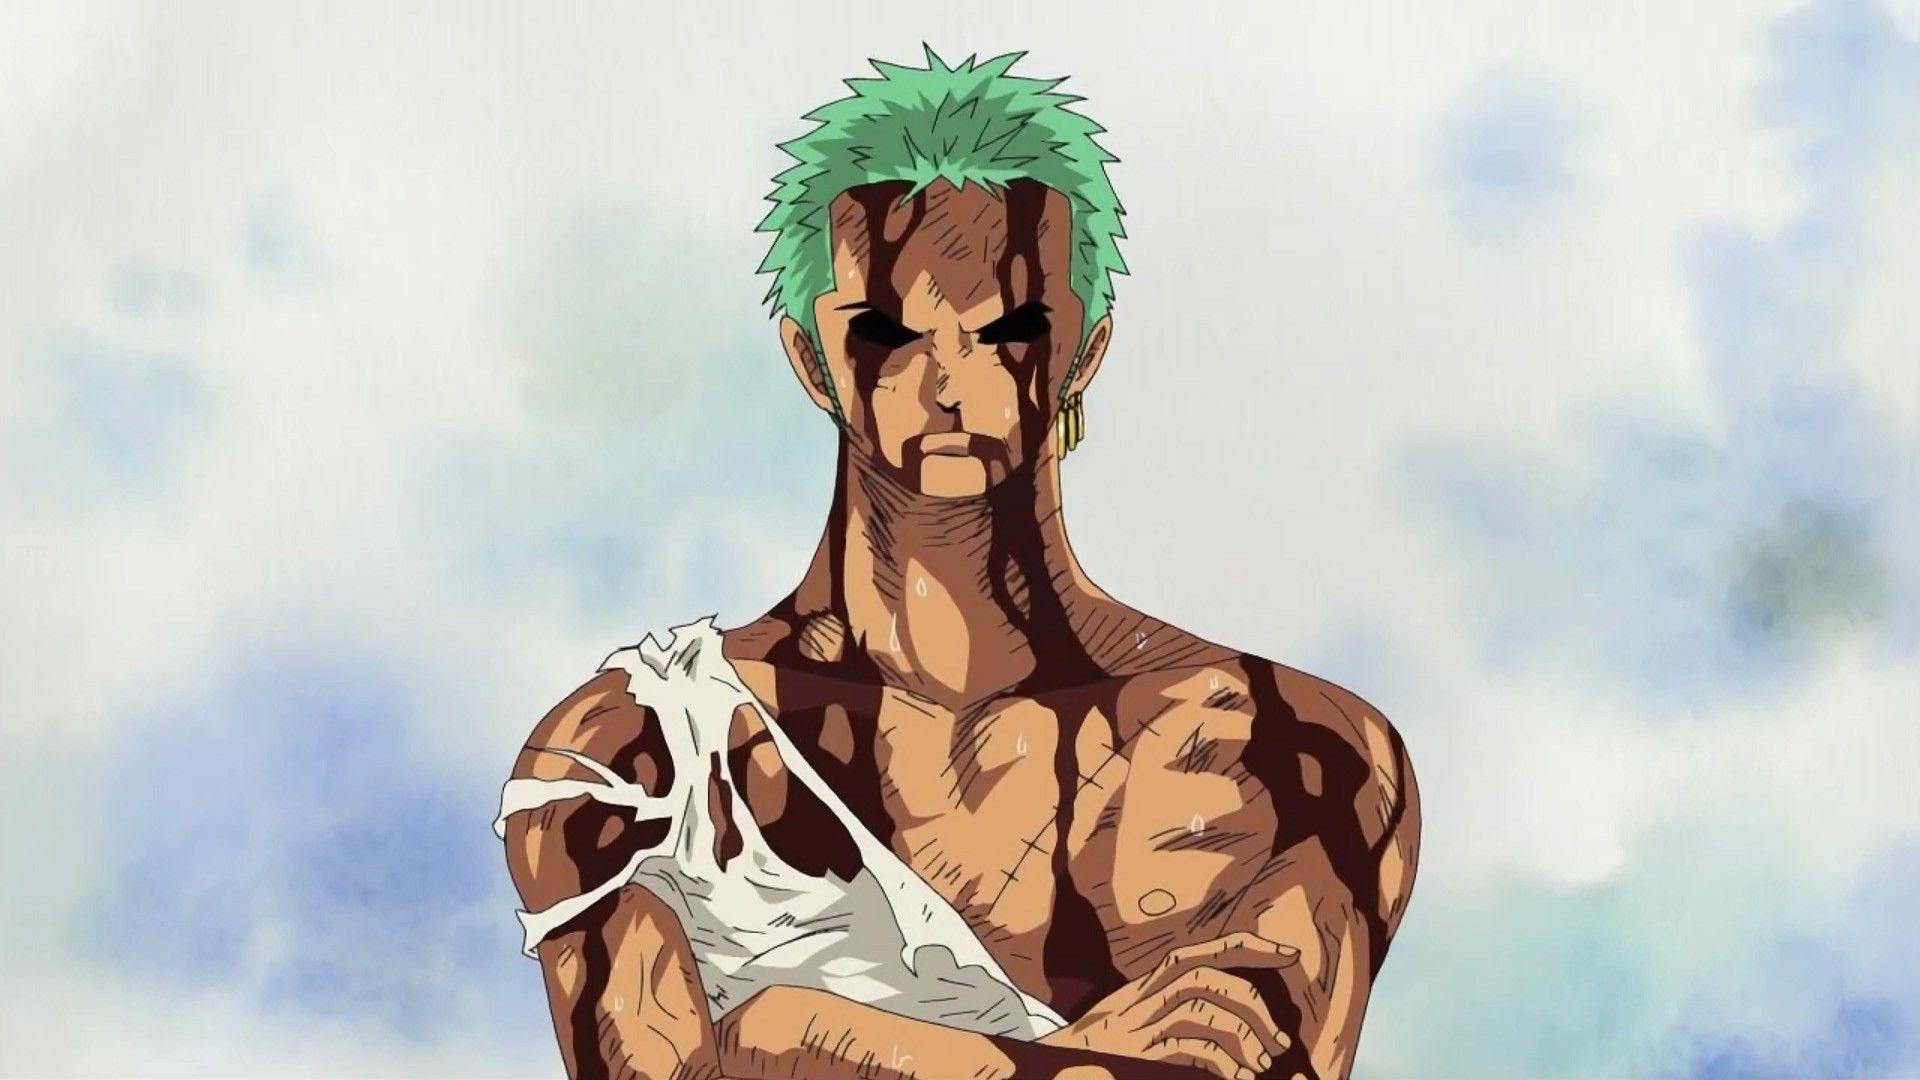 Zoro One Piece Images Hd Wallpaper Pirate Hunter Zoro Pinterest